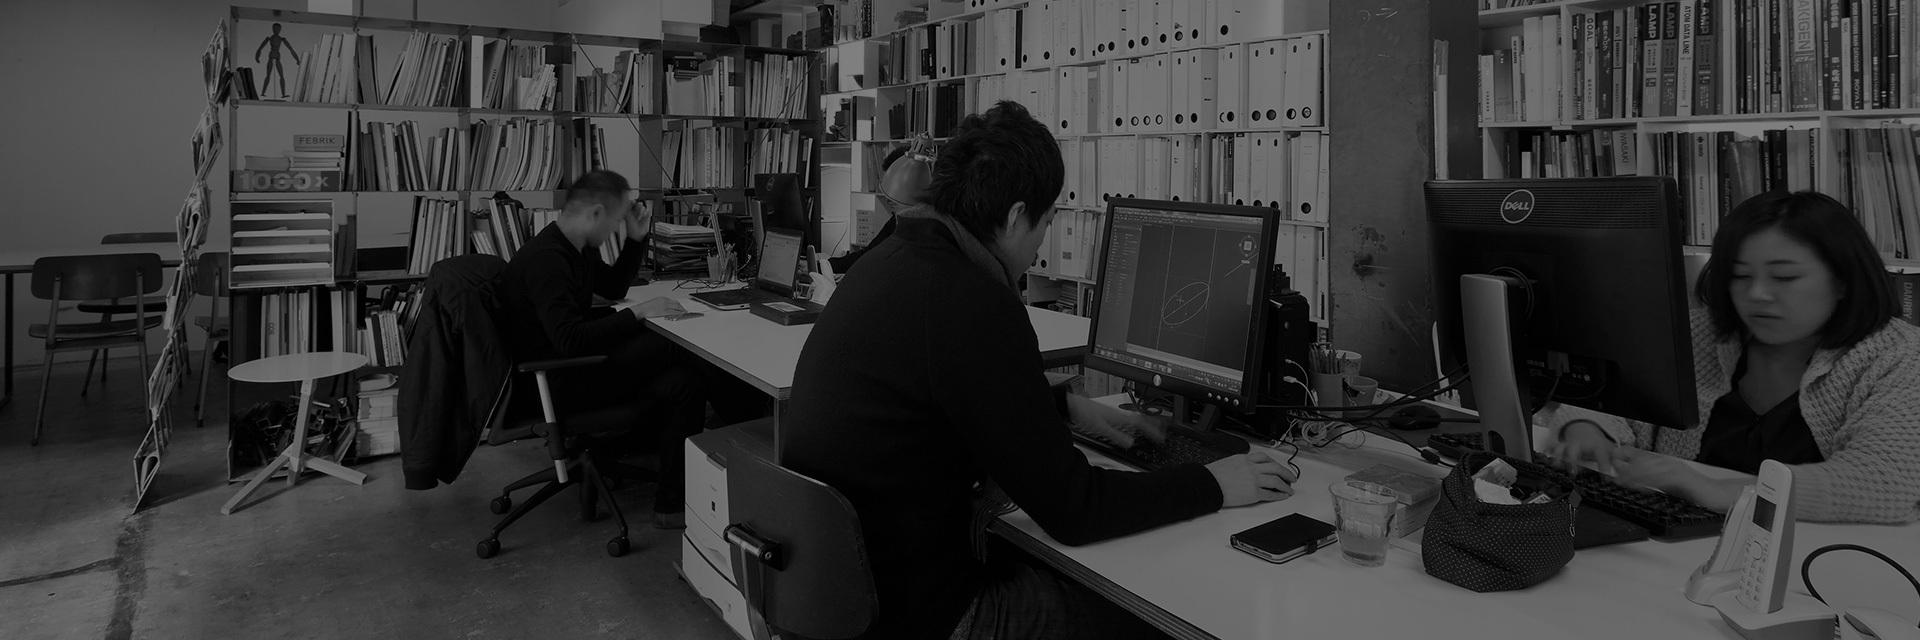 Keiji Ashizawa,建筑师、室内设计师、家具设计师,目前工作生活于日本东京,1995年毕业于横滨大学建筑专业,2005年于东京成立工作室Keiji Ashizawa Design。从大学毕业到正式成立工作室的十年时间里,Keiji专注于建筑设计及钢铁工艺,十年的实践经历,使得Keiji对钢铁材质的价值有着更深入的理解,同时也在实践的过程中获得了一些独特的技巧,这些积累都在之后延伸影响了他的设计方法。 Keiji的家具设计,简洁,明了,不论是组装的成品,还是拆卸后的部件归置,都体现出其精细的匠人之心。